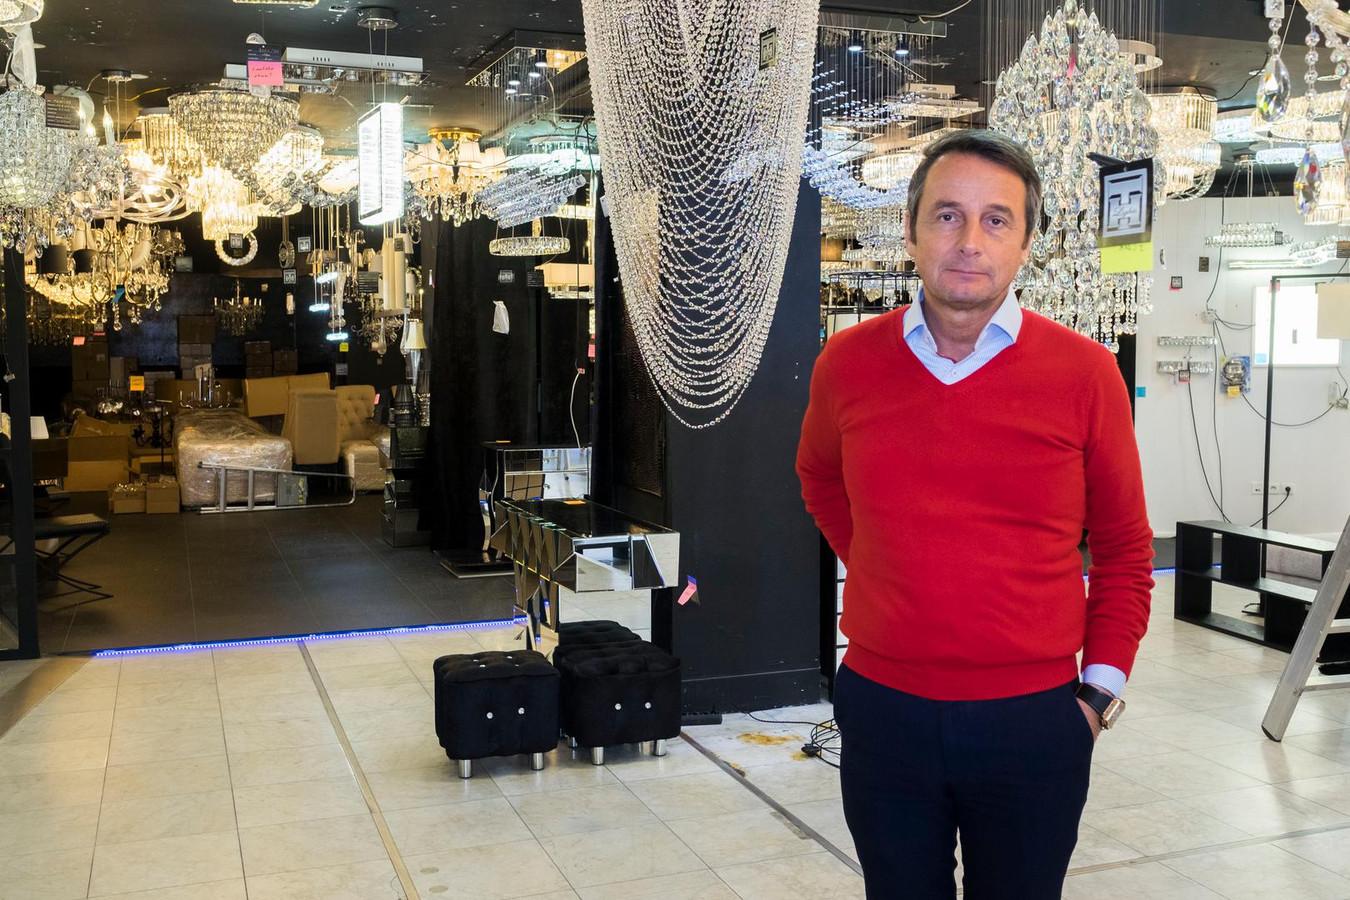 Thierry Huion is zaakvoerder van verlichtingszaak TH Lights op de Bredabaan.